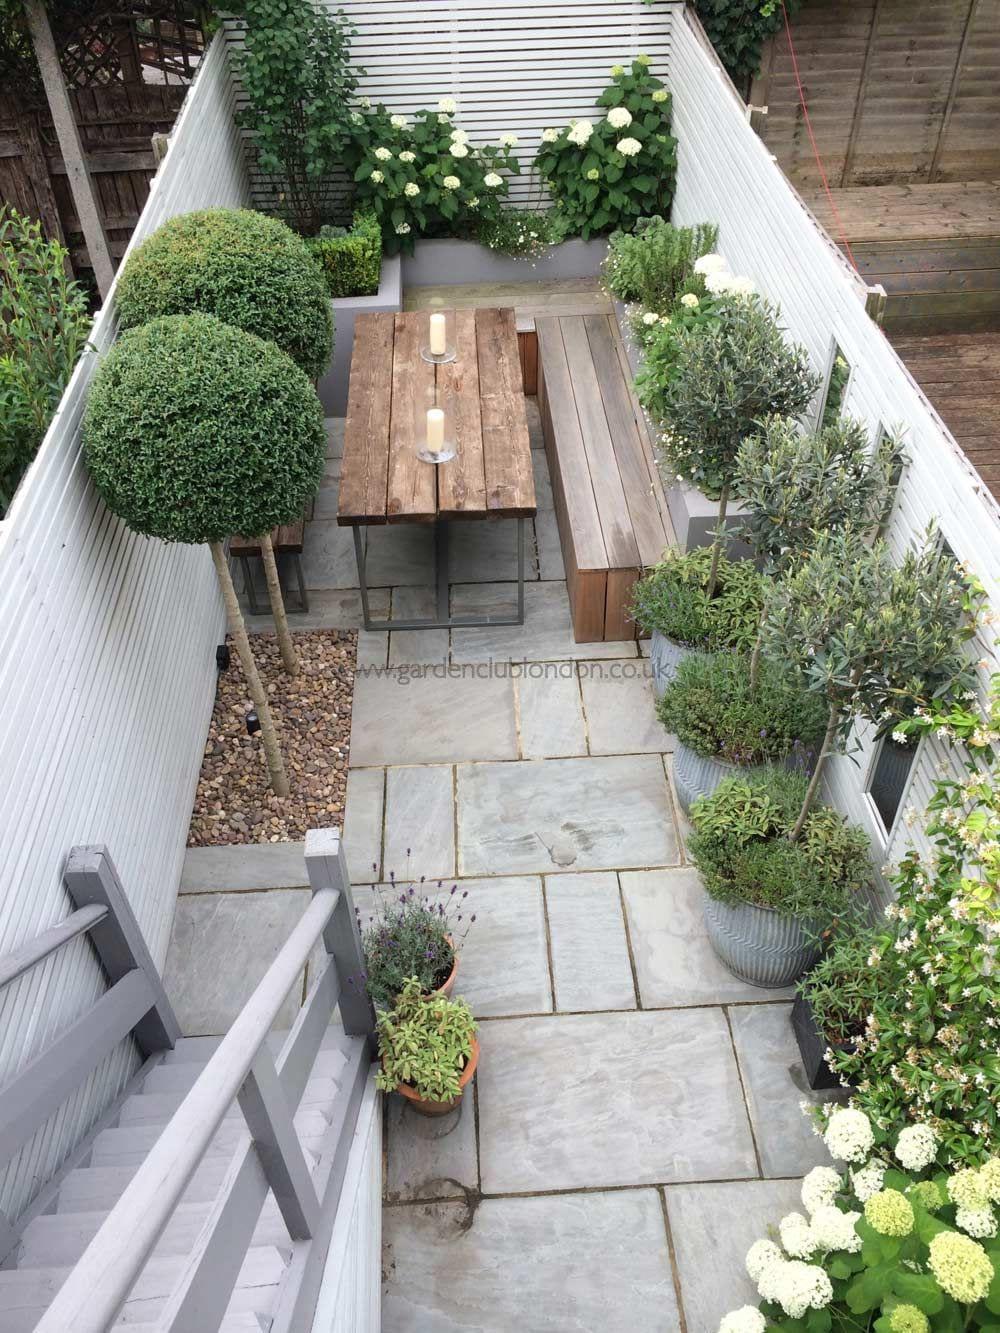 Simphome.com garden ideas for a small backyard 2020 2021 2022